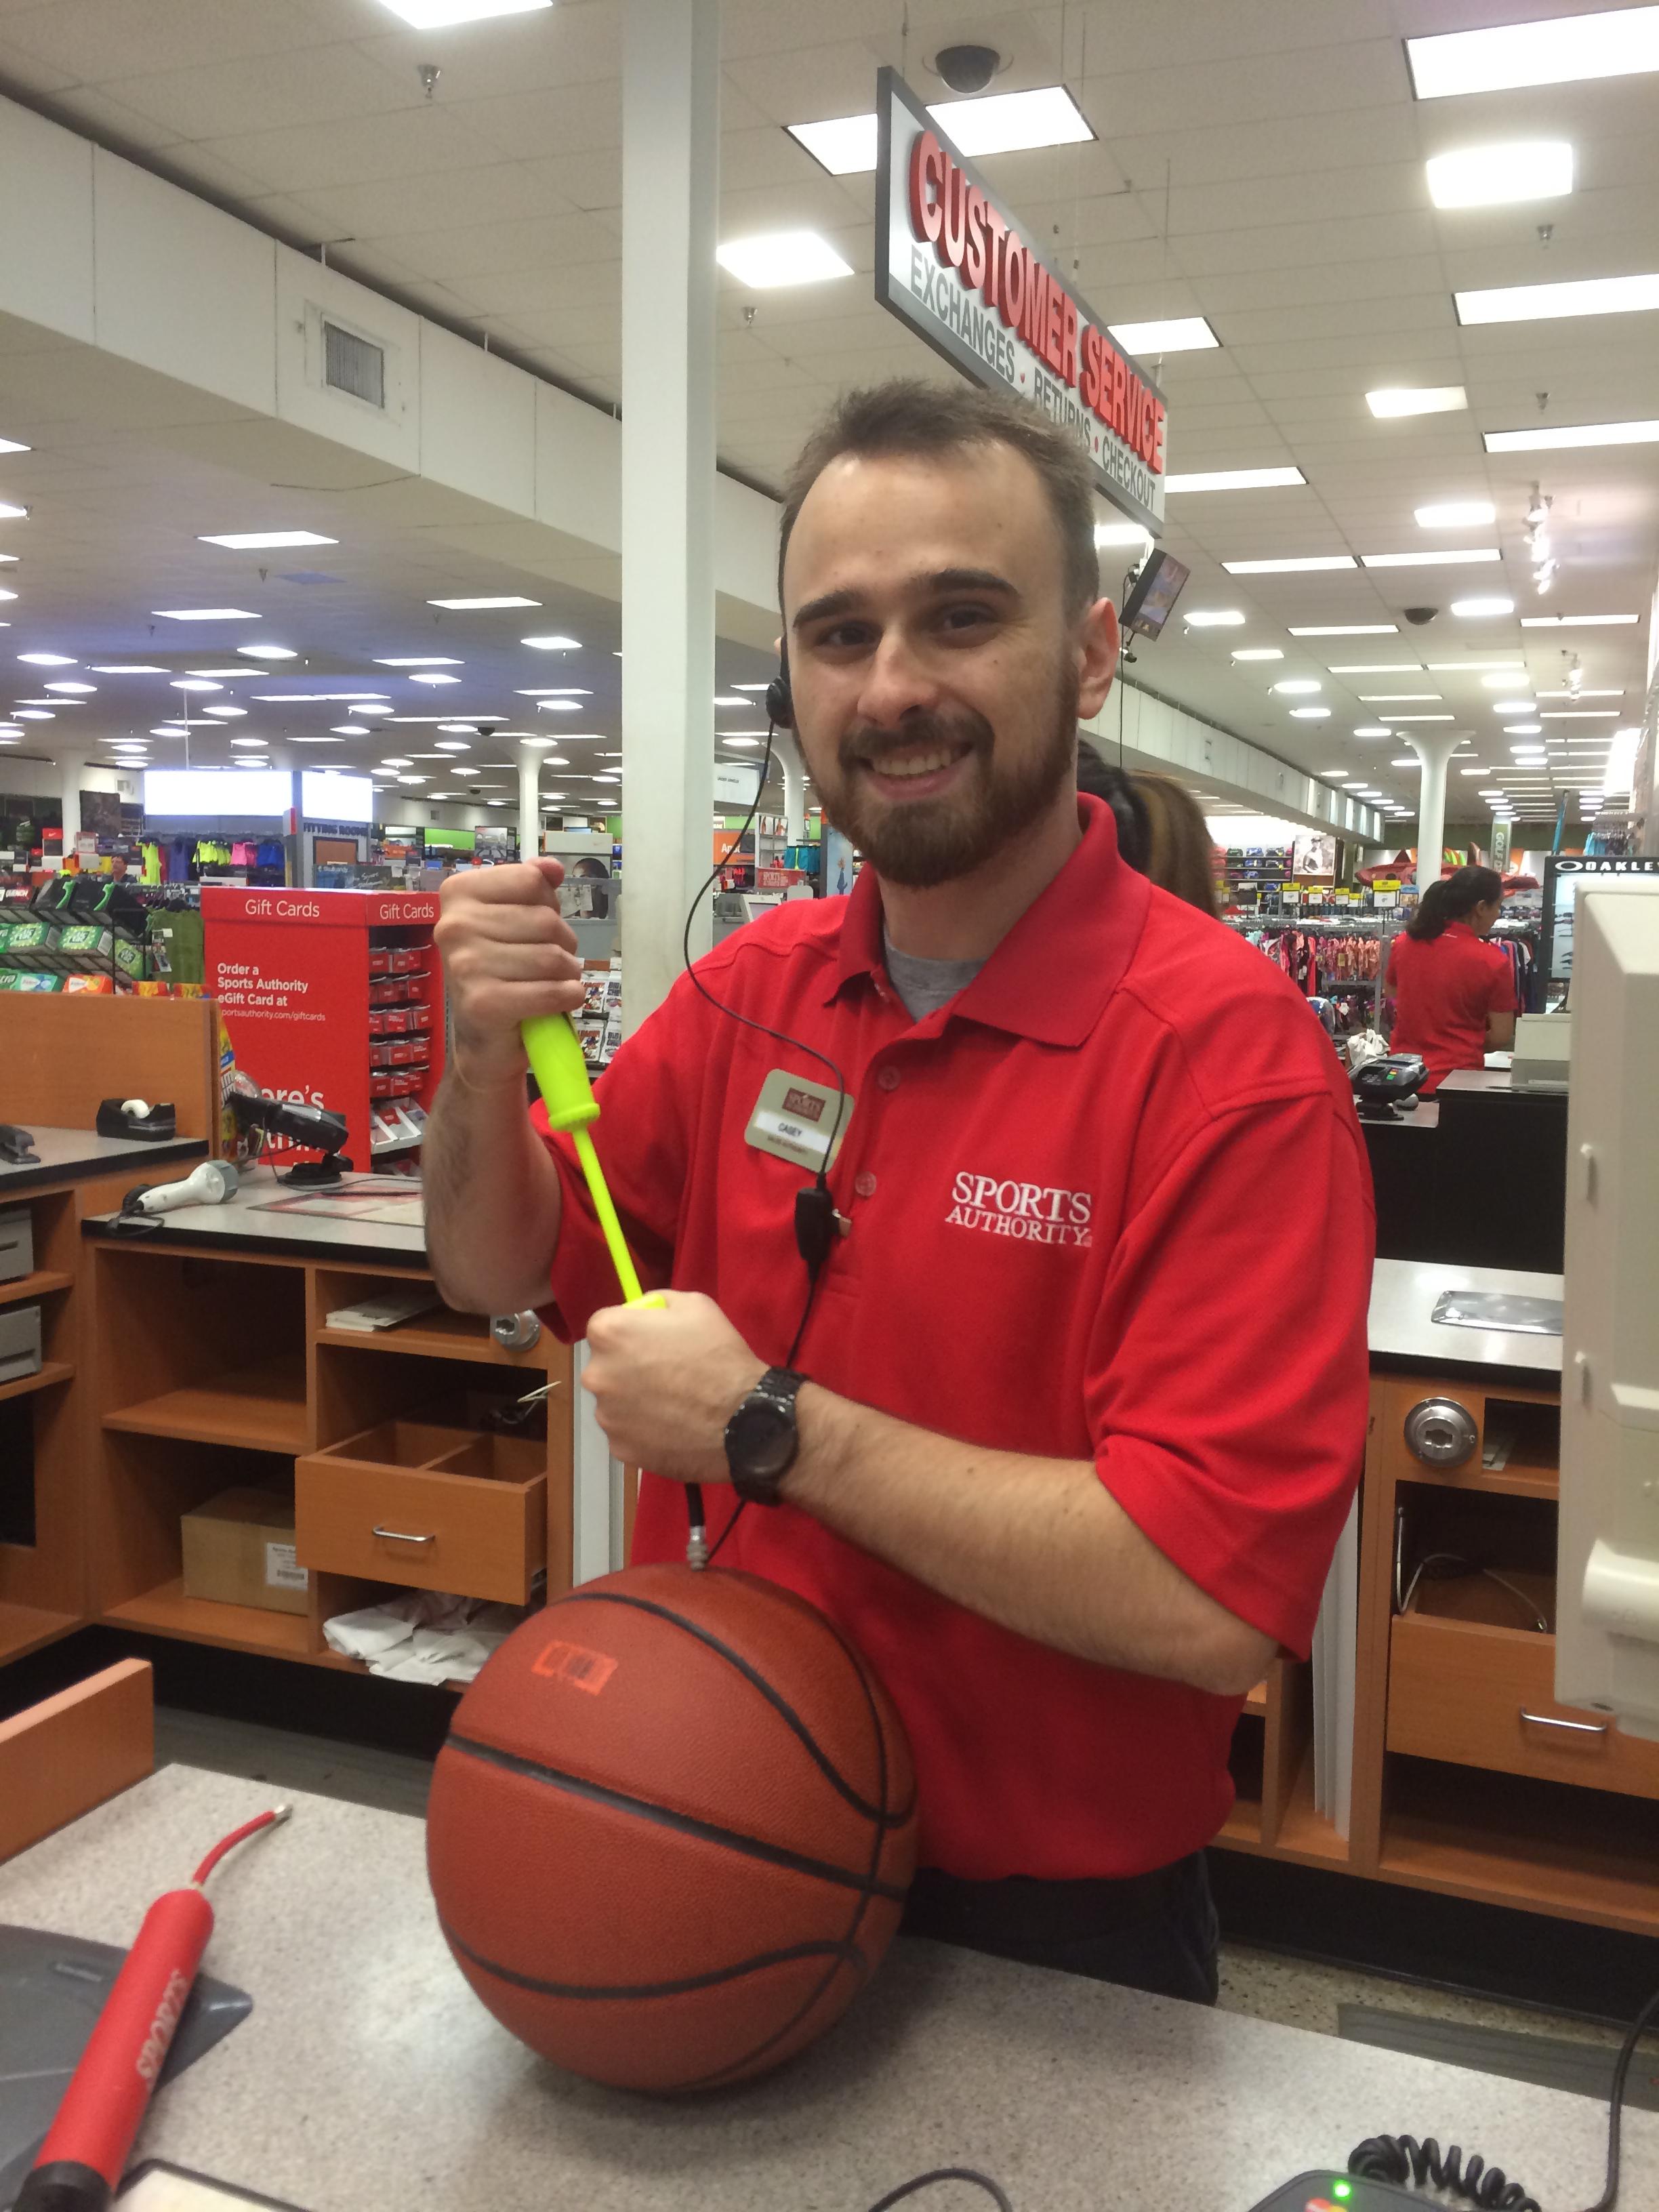 Buying Basketballs 2014 6.jpg